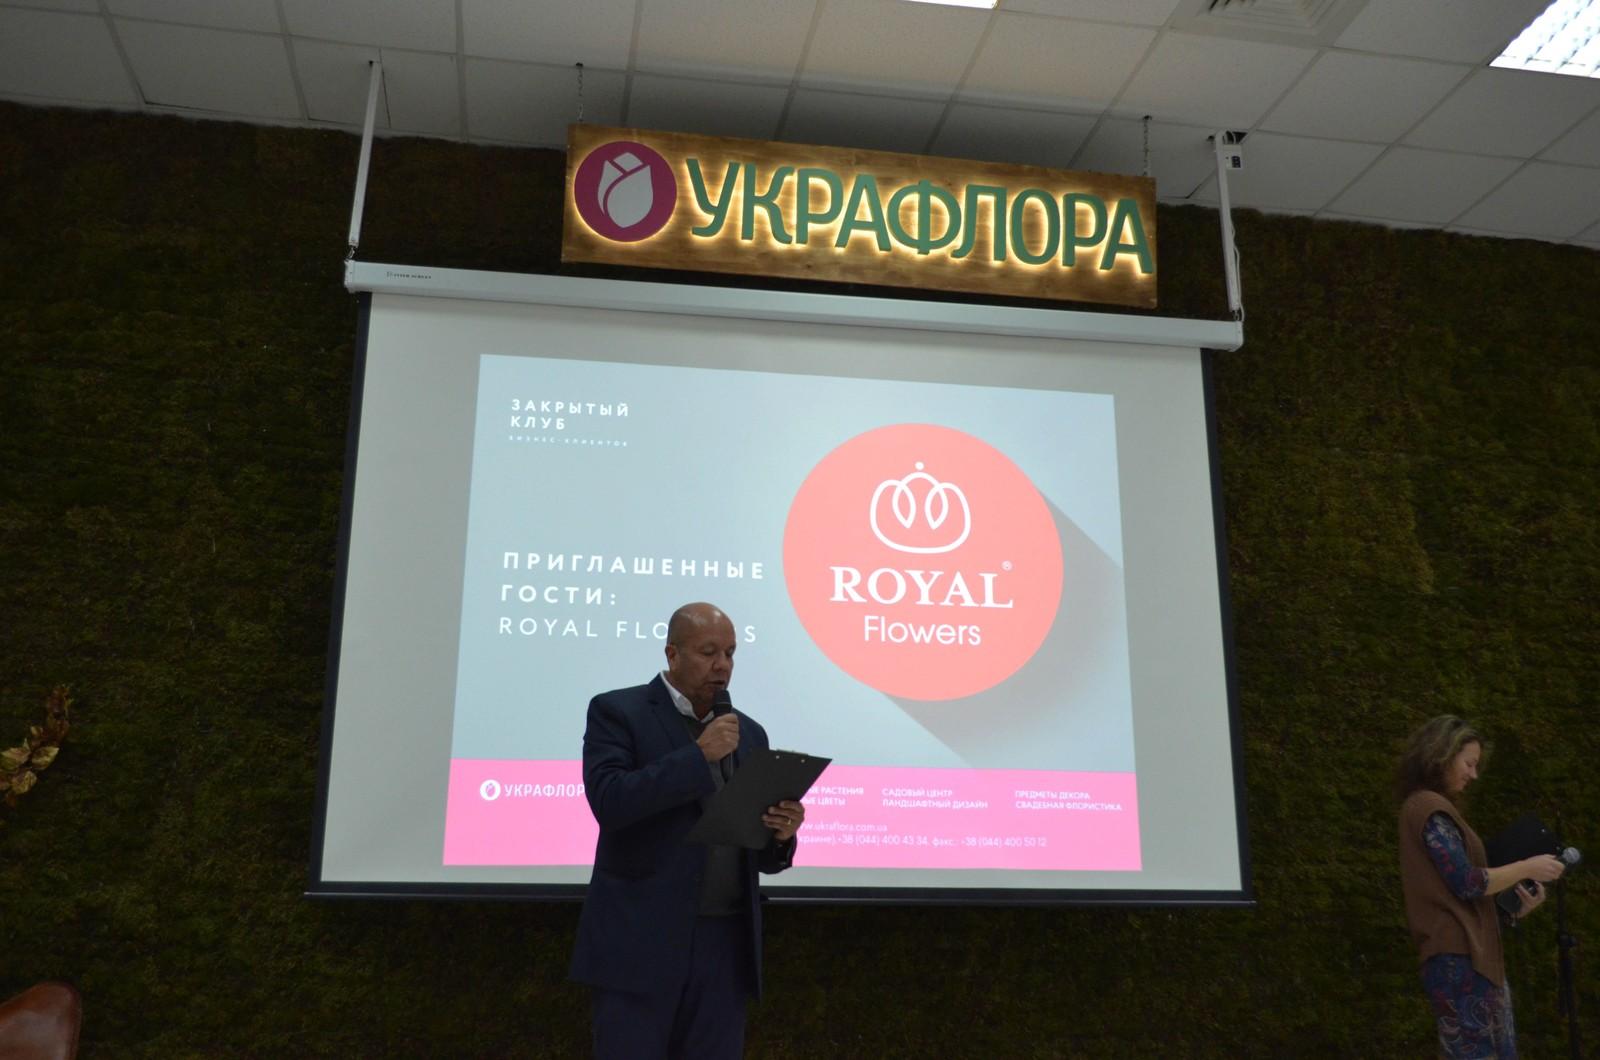 """Украфлора презентувала """"Закритий клуб бізнес-клієнтів"""" Вперше в Україні!"""